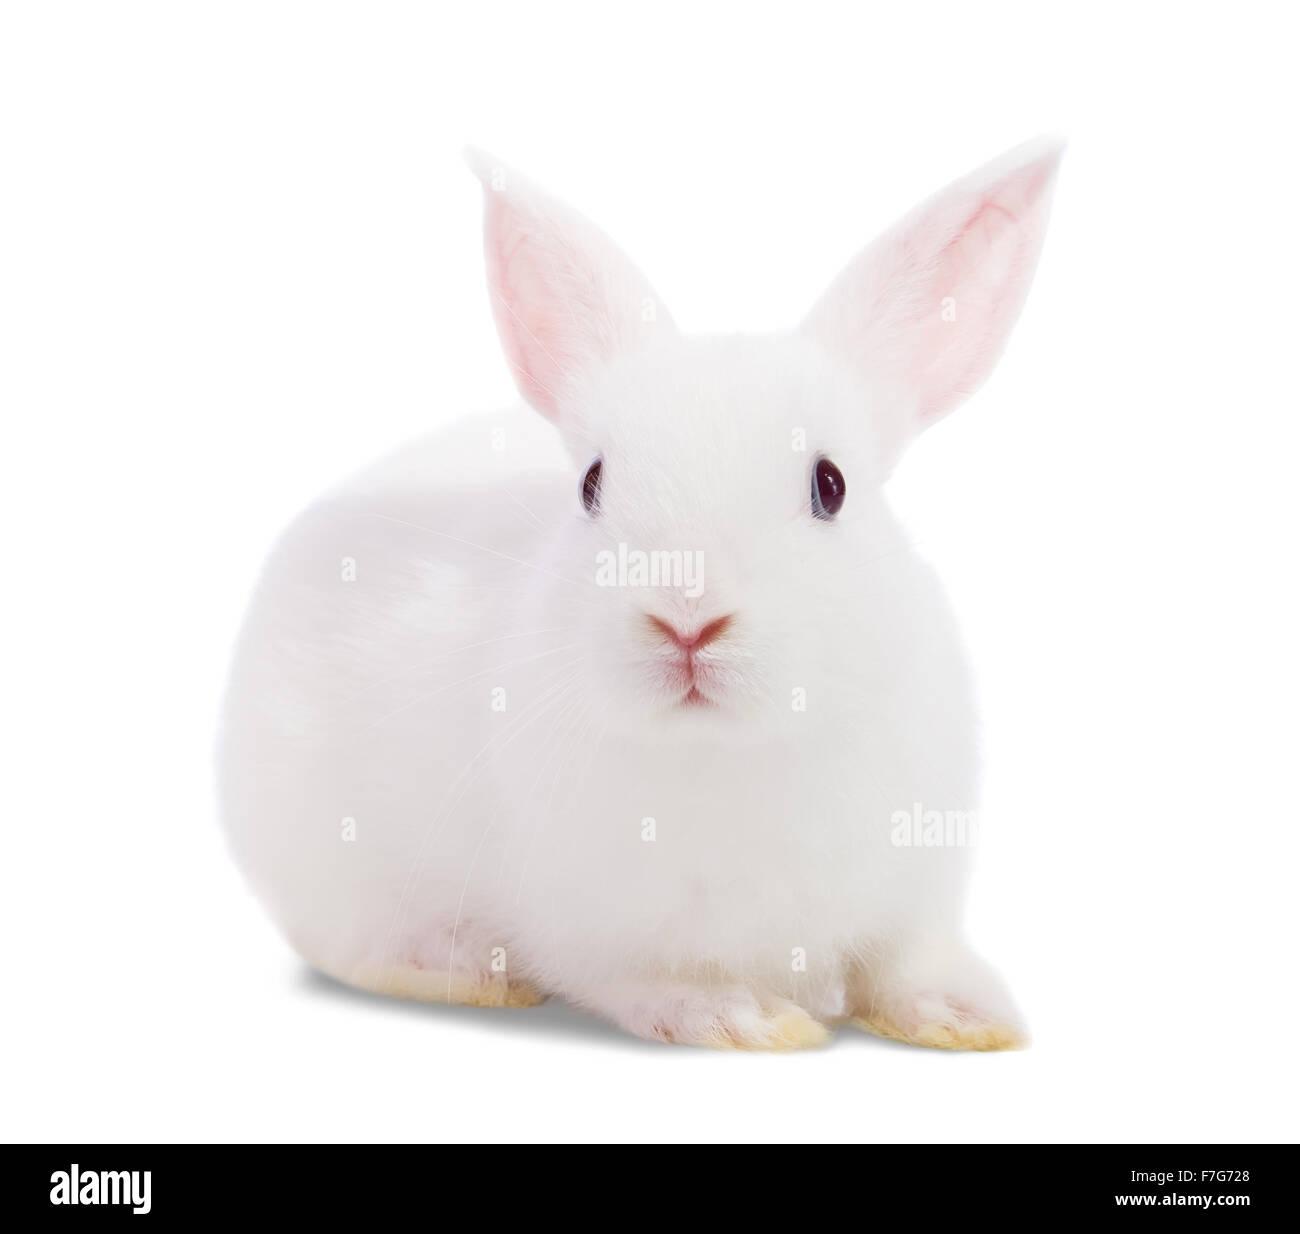 Little white rabbit. Isolated on white background - Stock Image